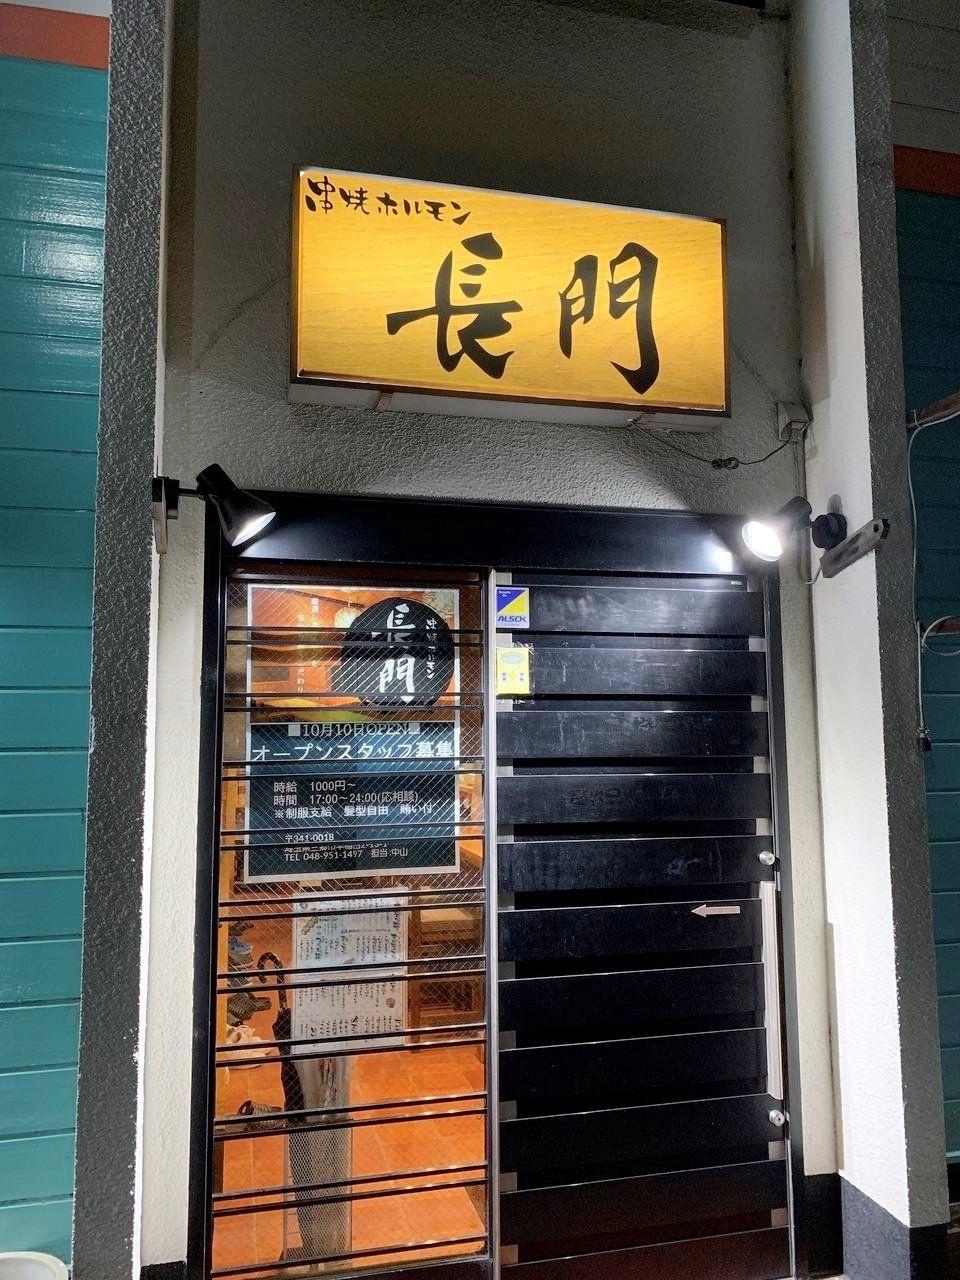 【三郷市食べ歩きブログ】三郷市早稲田2丁目に「串焼ホルモン長門」行ってきました!